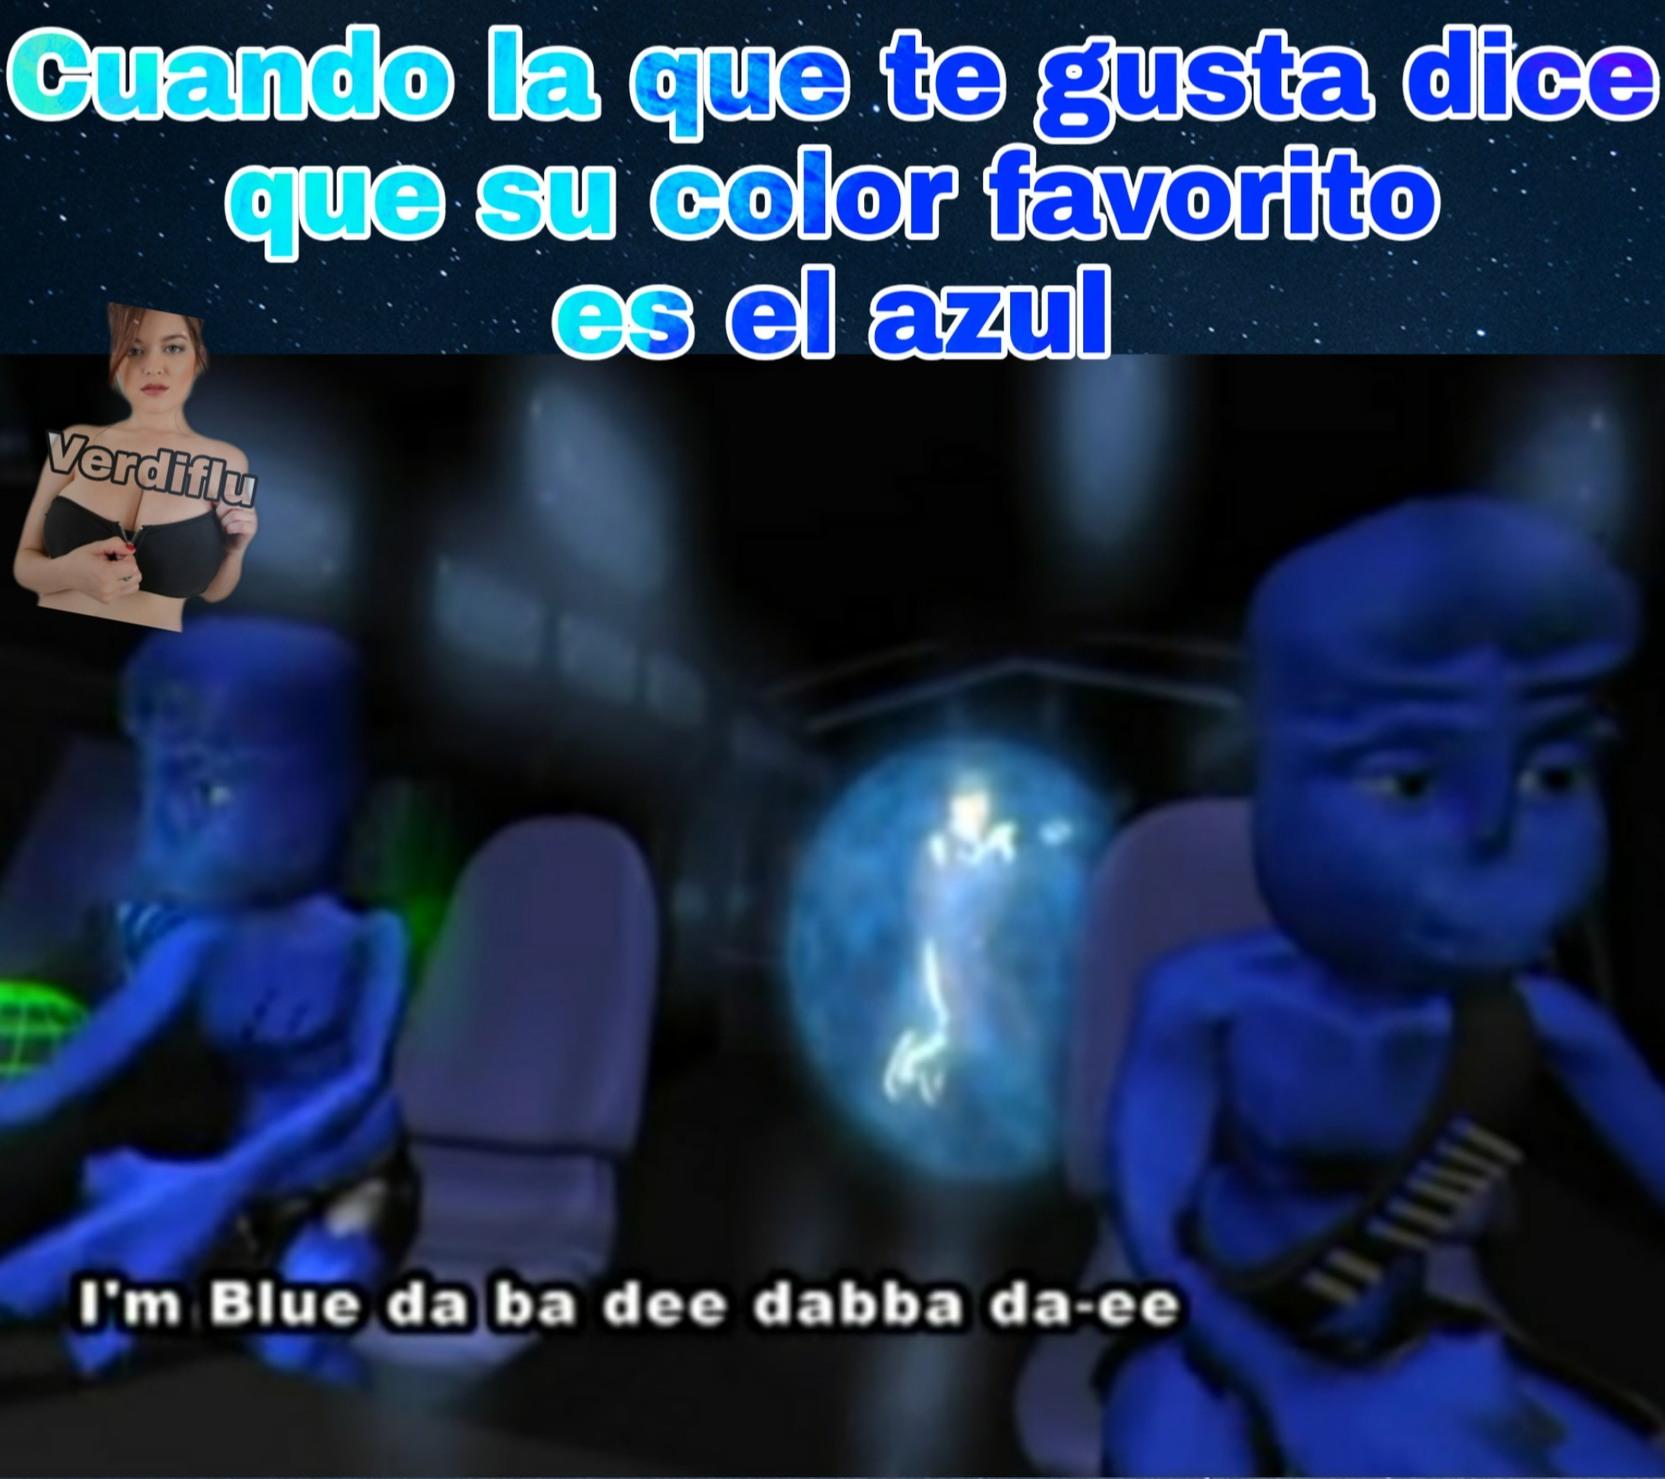 I'm blue - meme